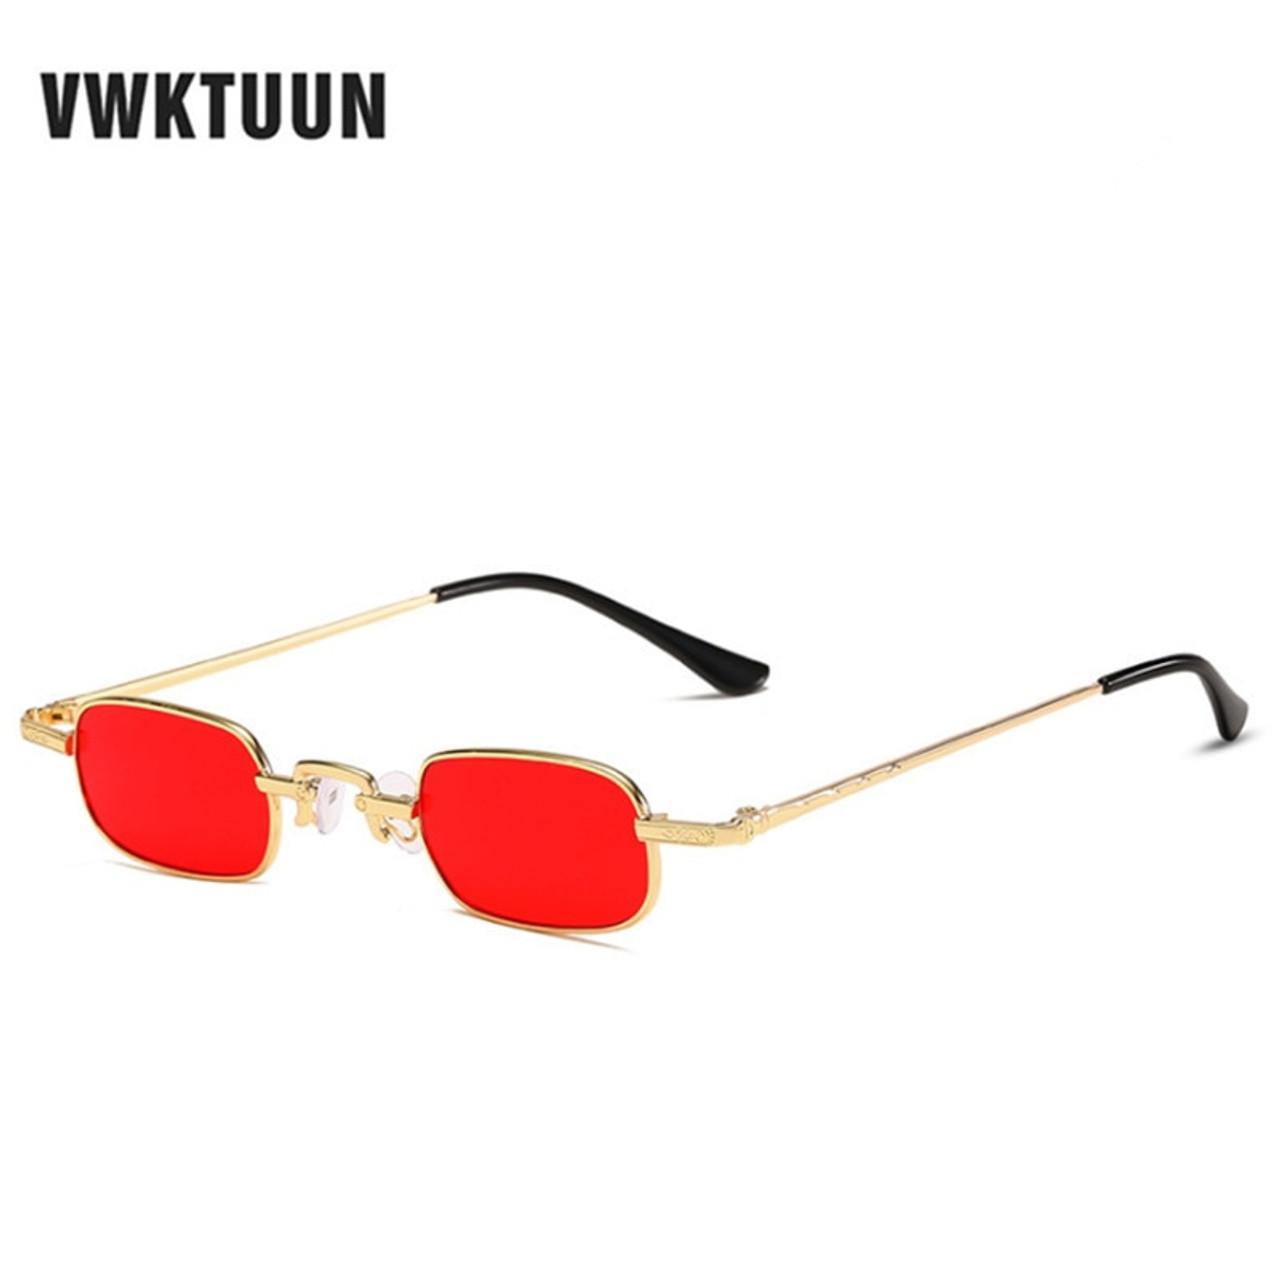 b32bf0db25ca VWKTUUN Metal Sunglasses Men Women Fashion Glasses Small Retro Vintage  Sunglasses UV400 Eyewear Sport Hip Hop ...